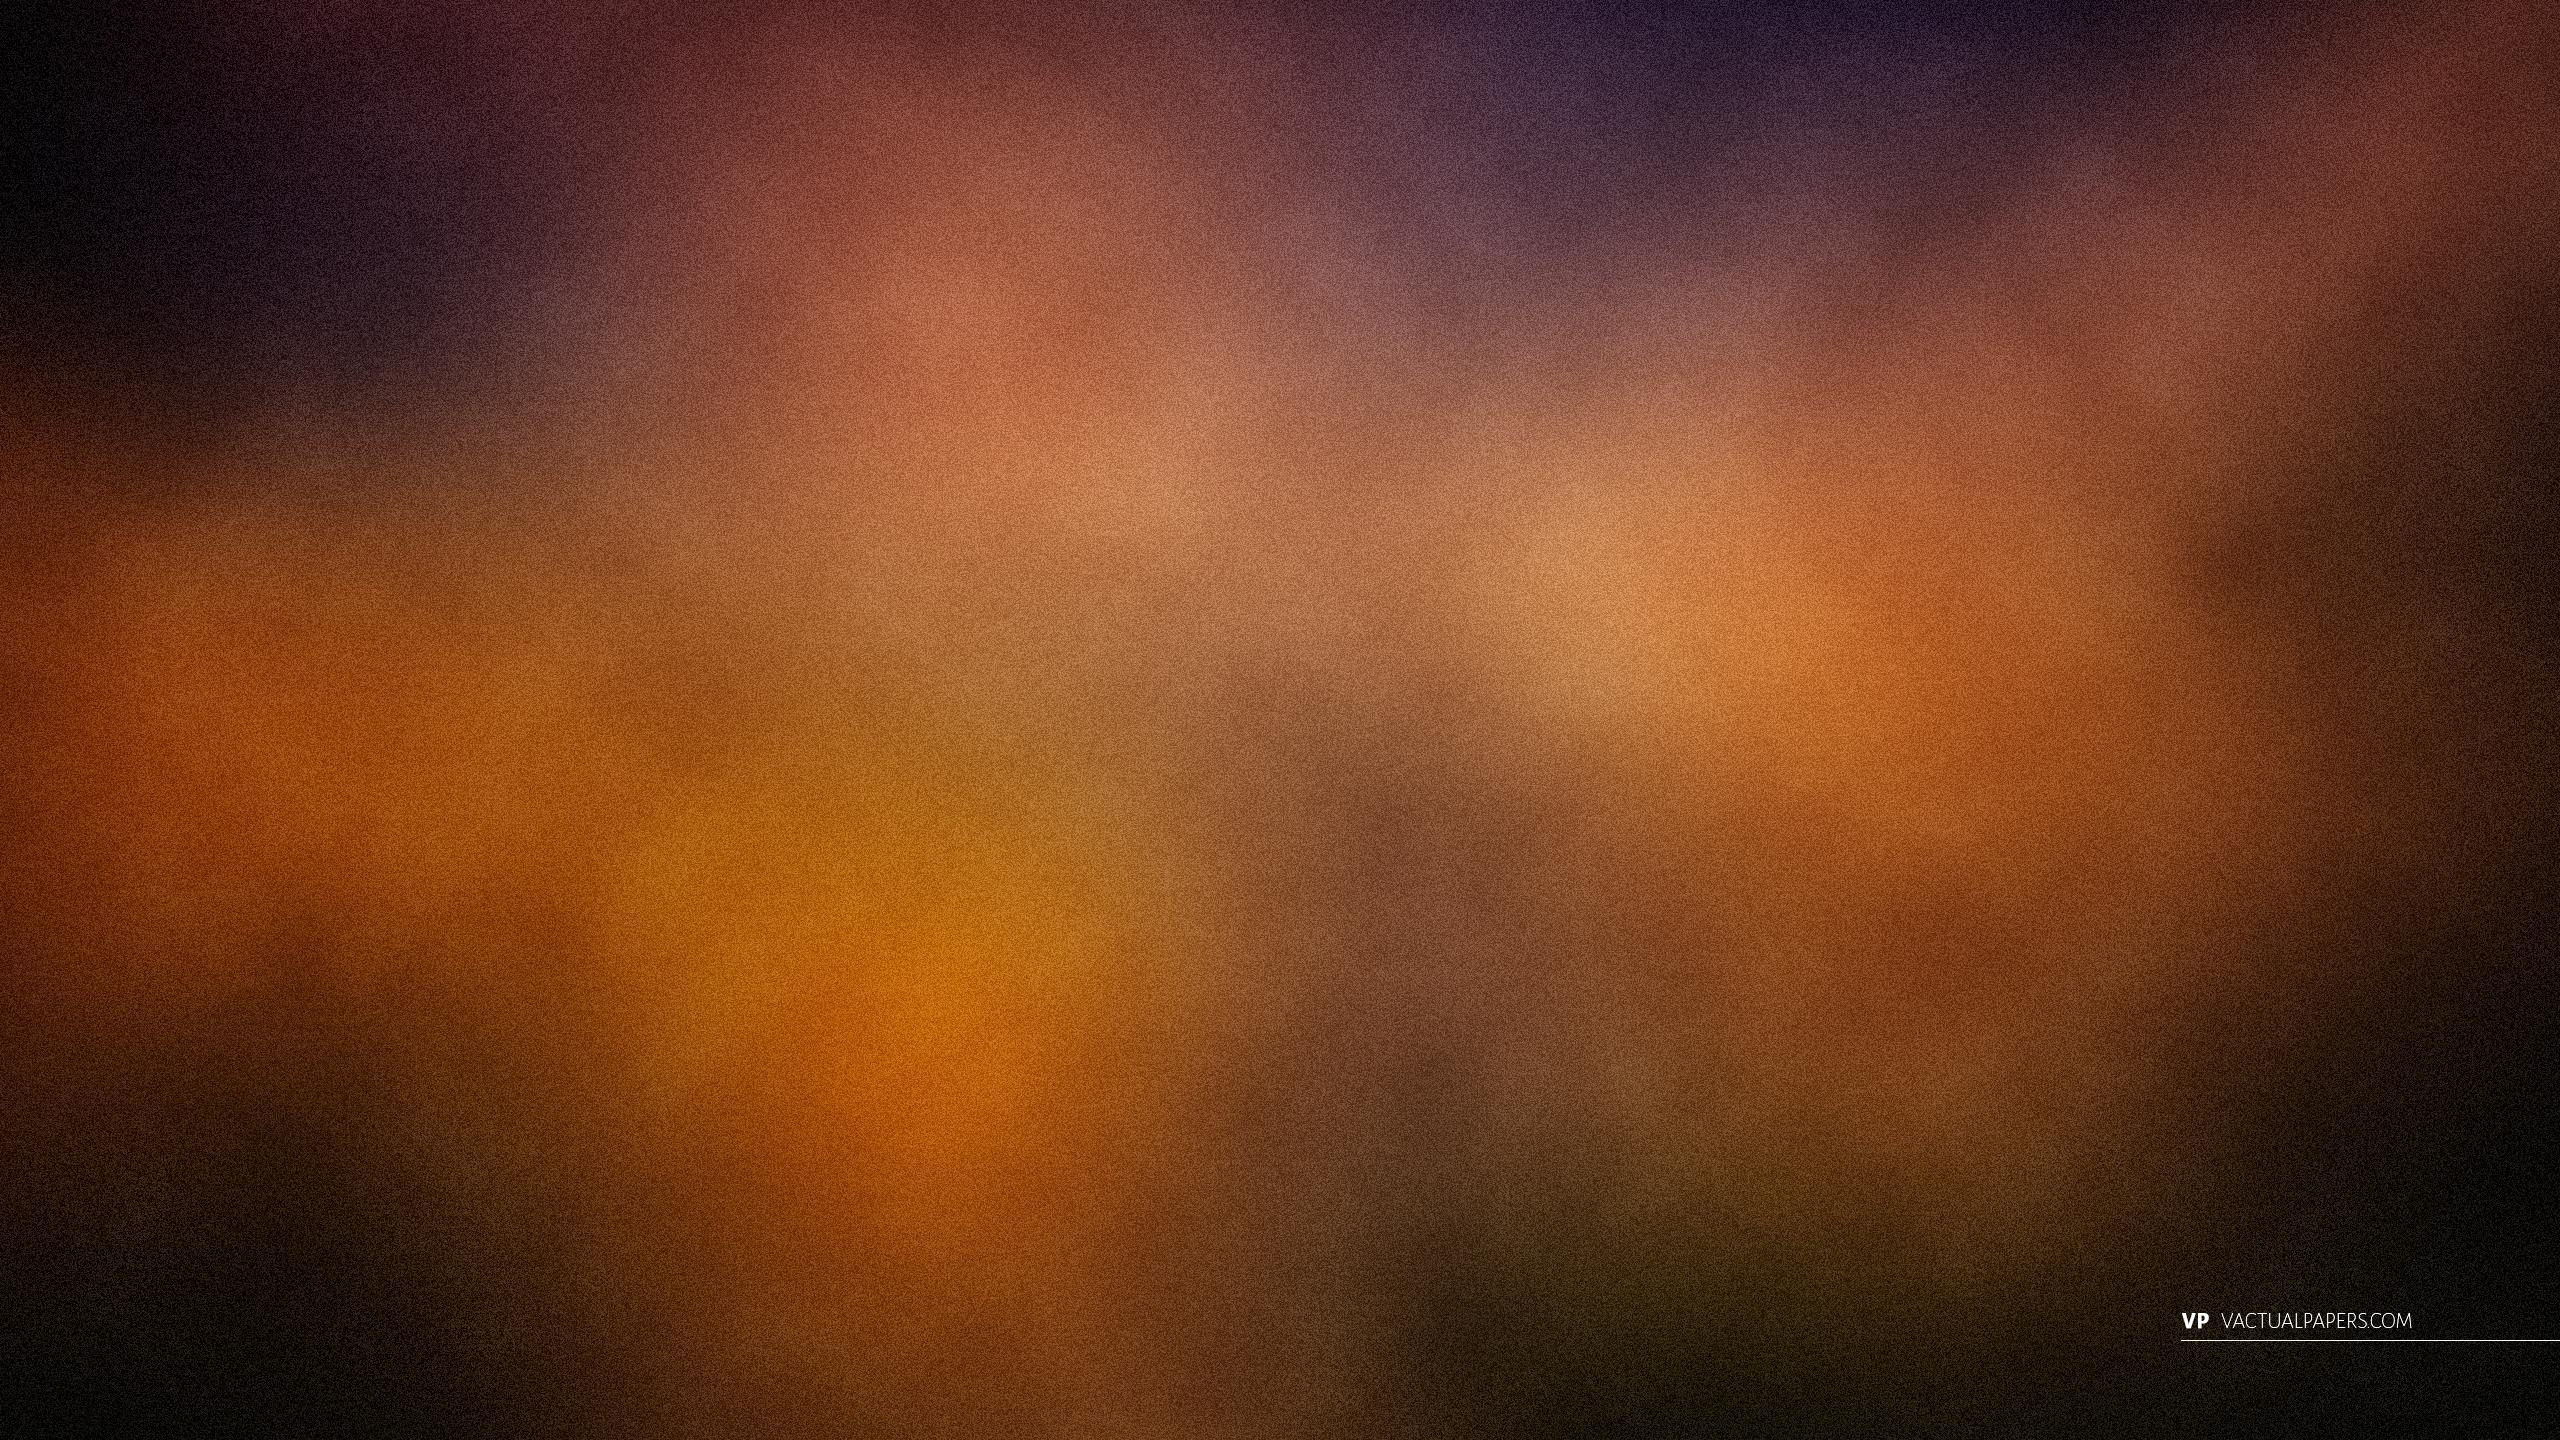 blur effects wallpaper.